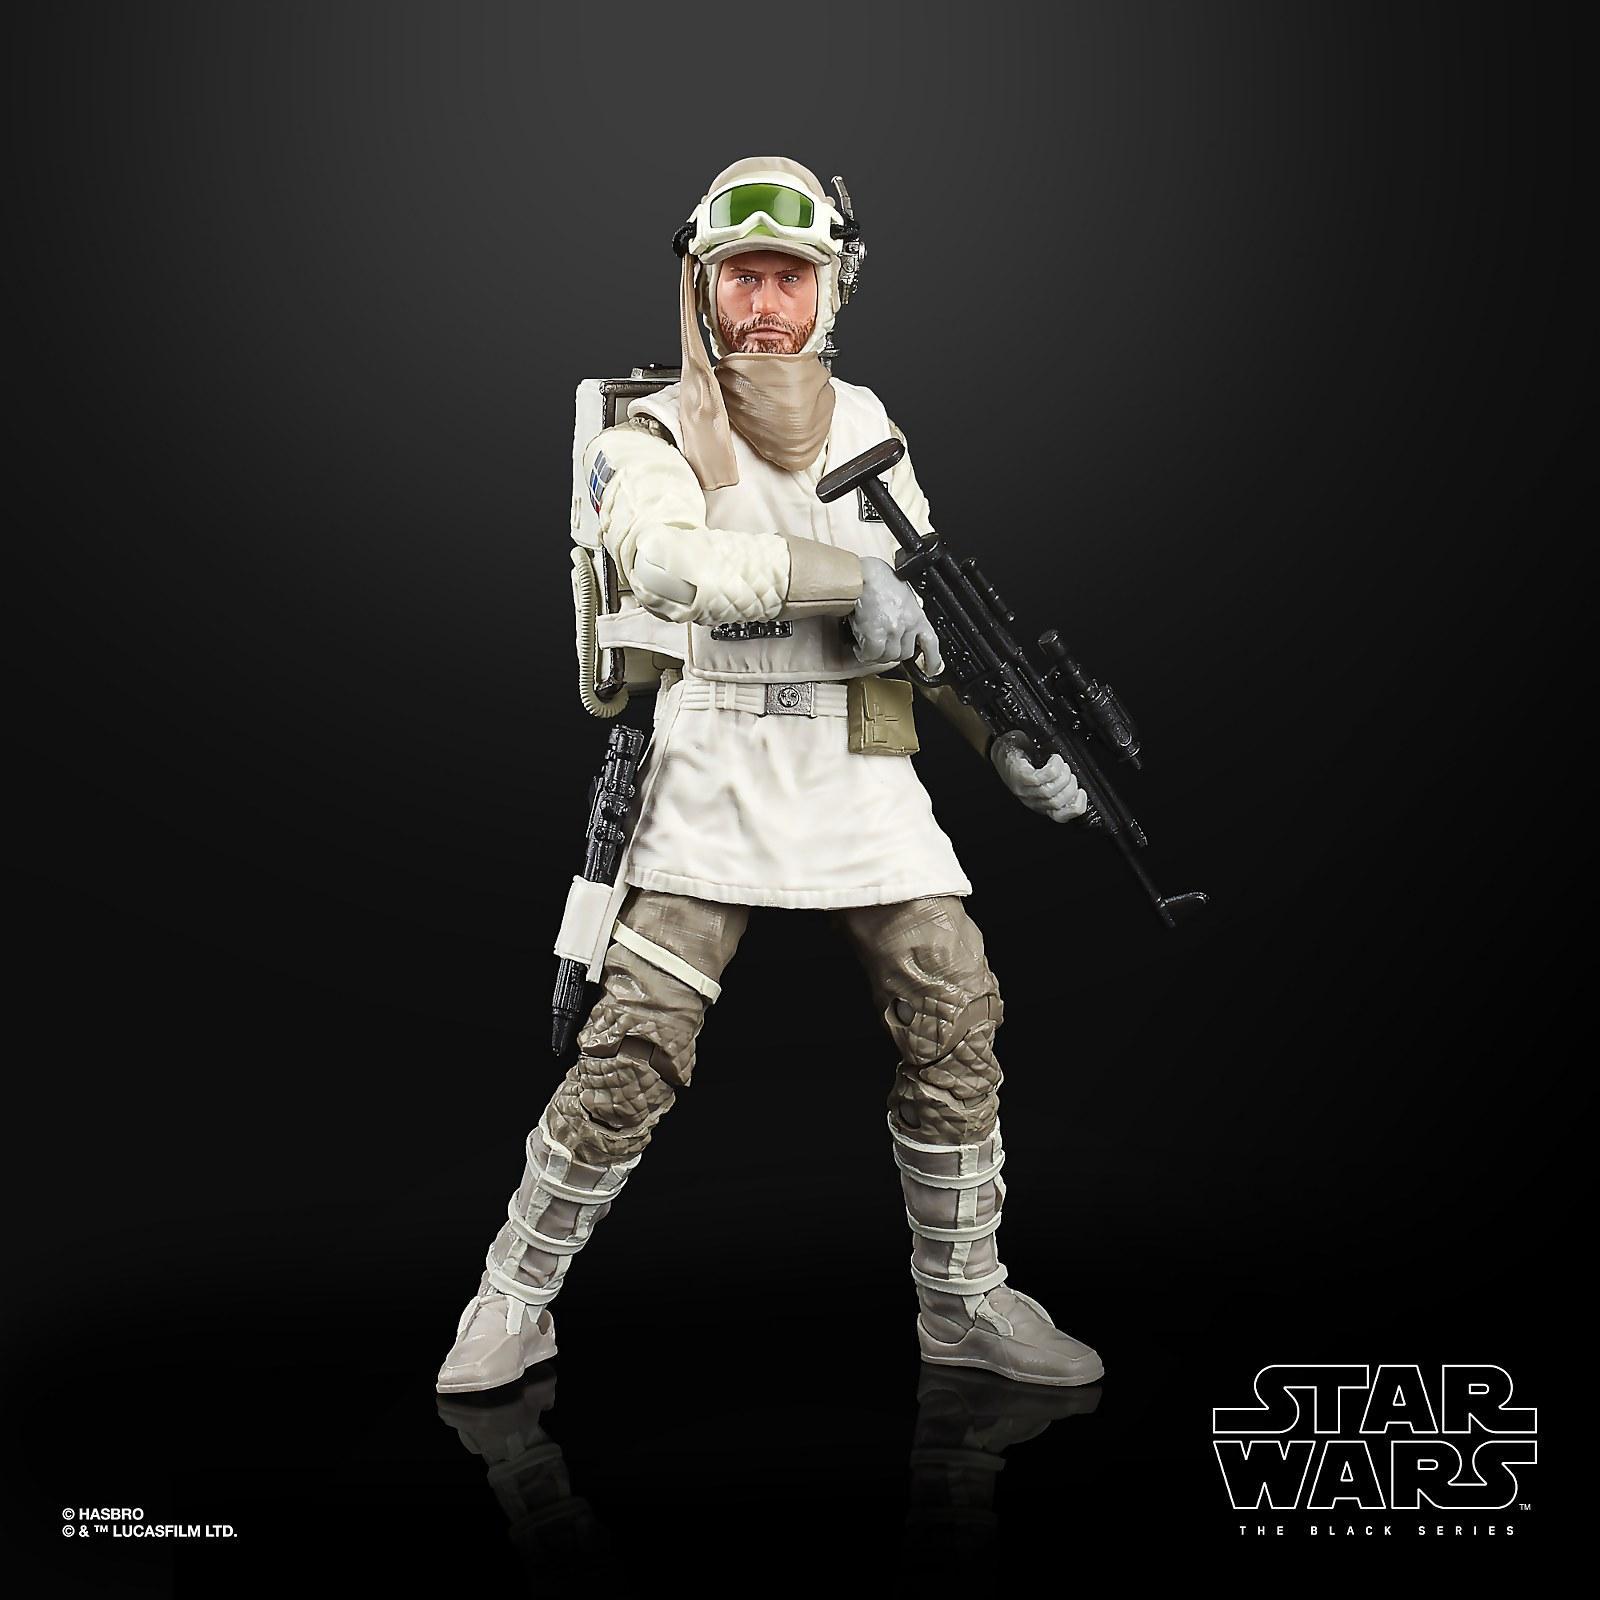 Star wars the black series rebel trooper hoth 15 cm1 1